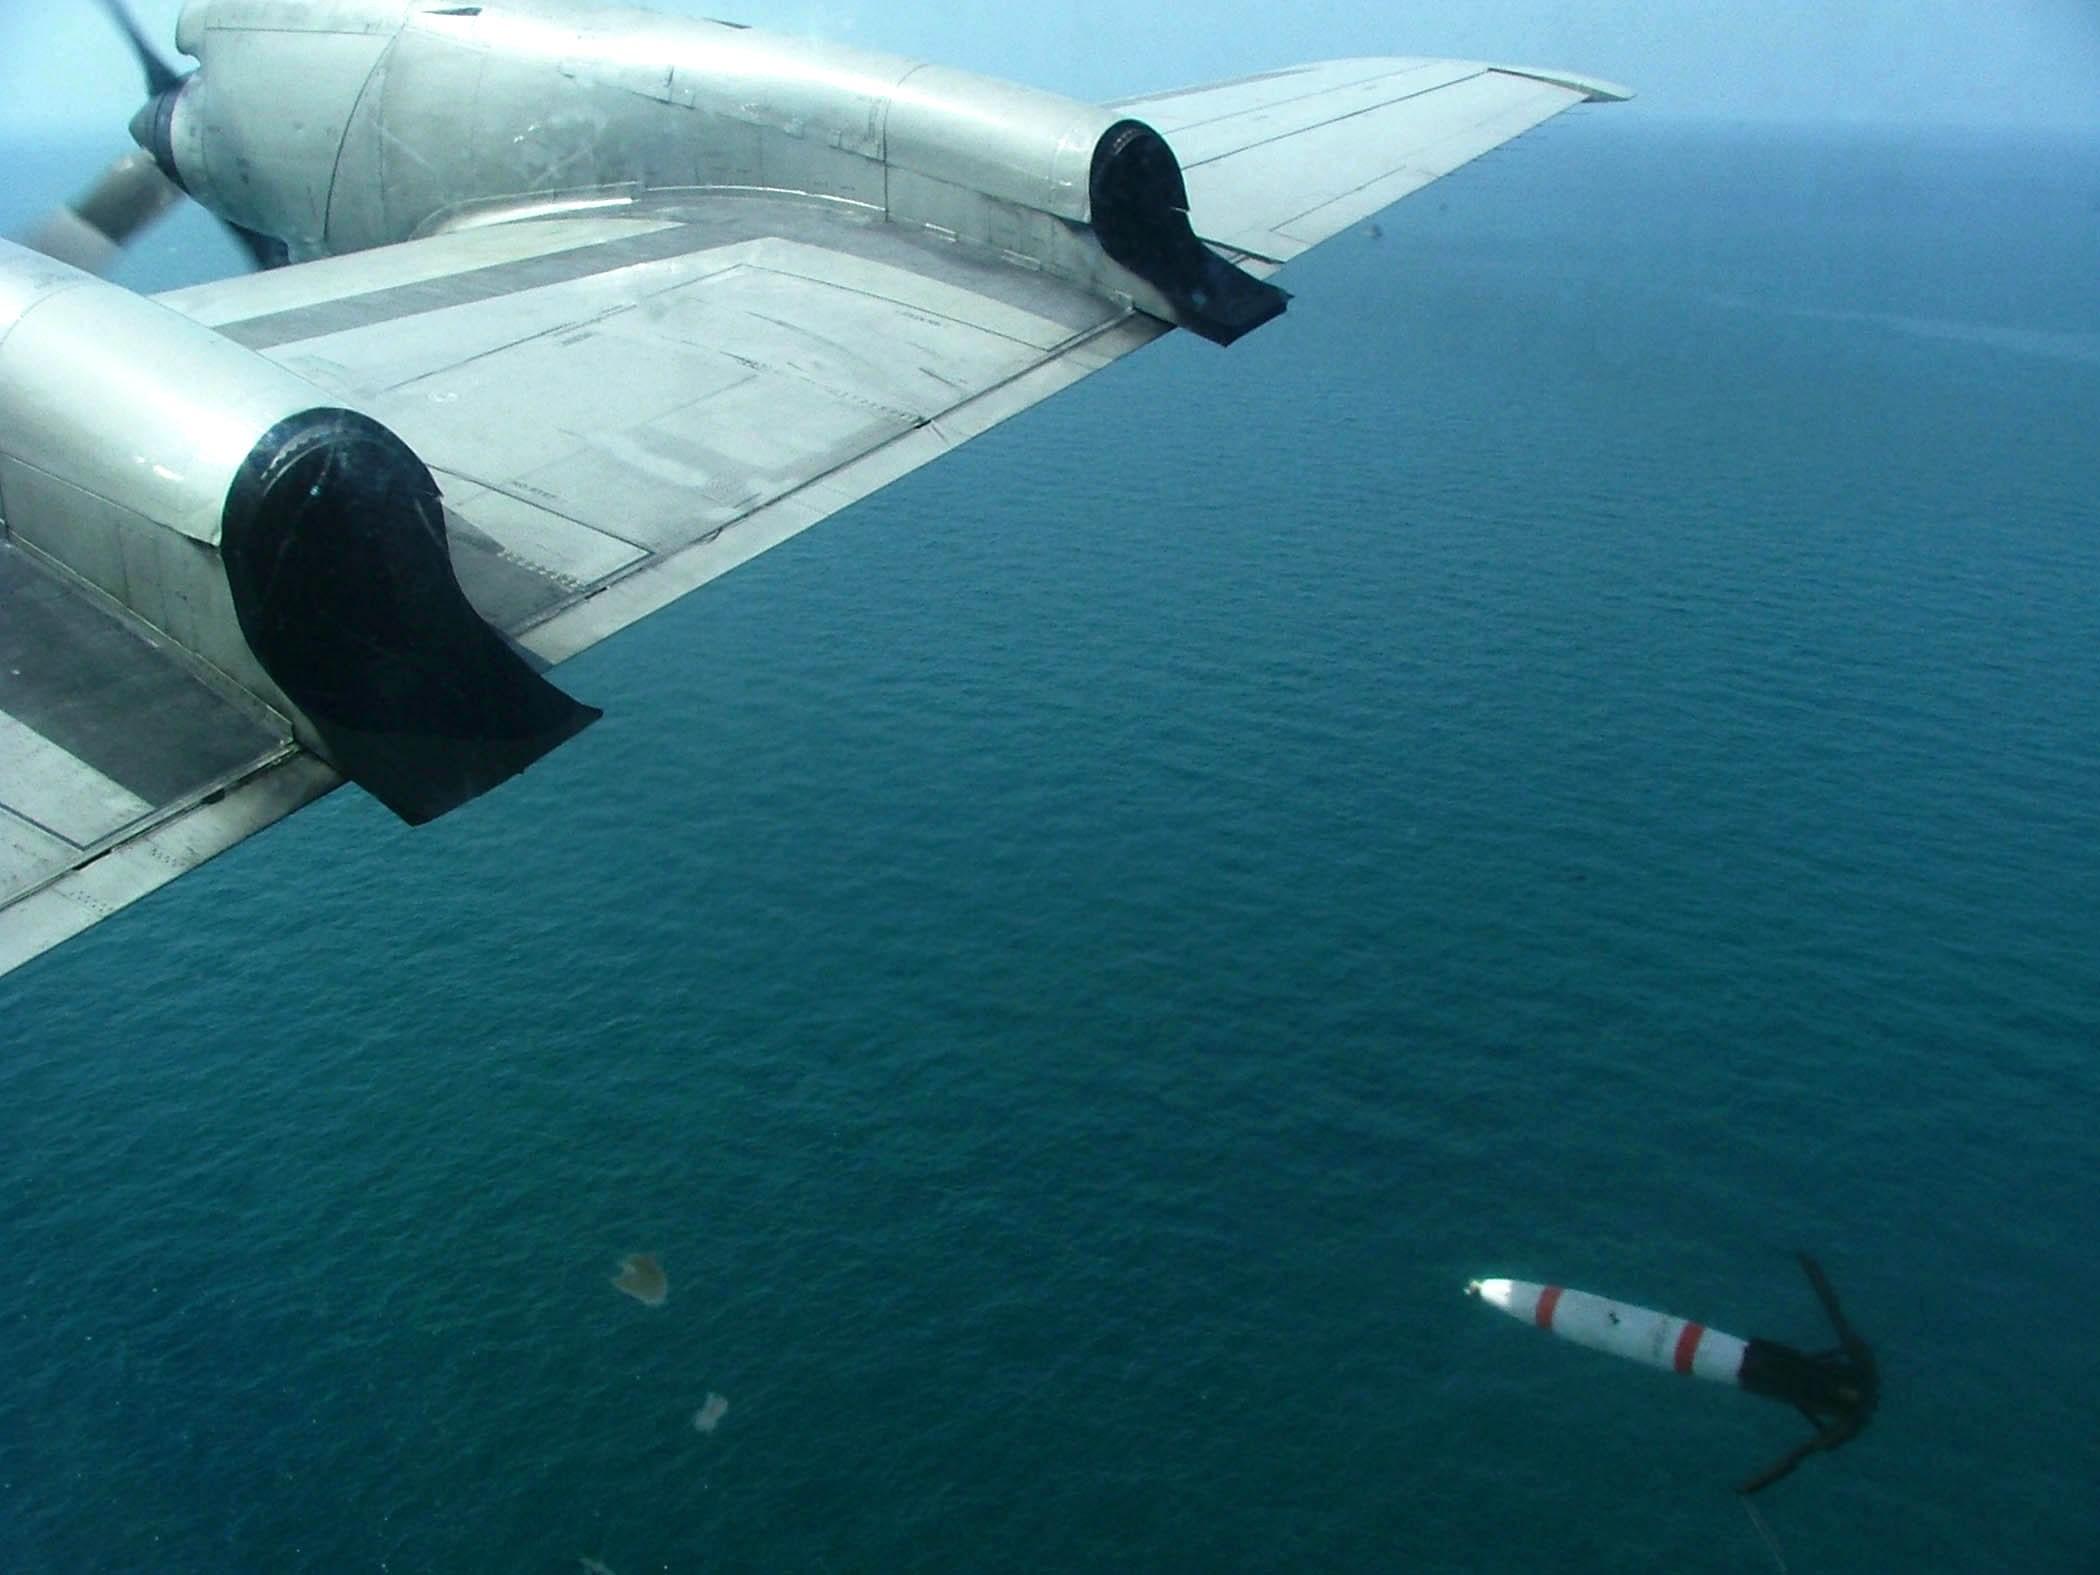 Сброс переоборудованной из авиационной бомбы авиационной морской донной неконтактной мины Mk 62 Quickstrike с базового патрульного самолета Lockheed P-3C Orion авиации ВМС США.